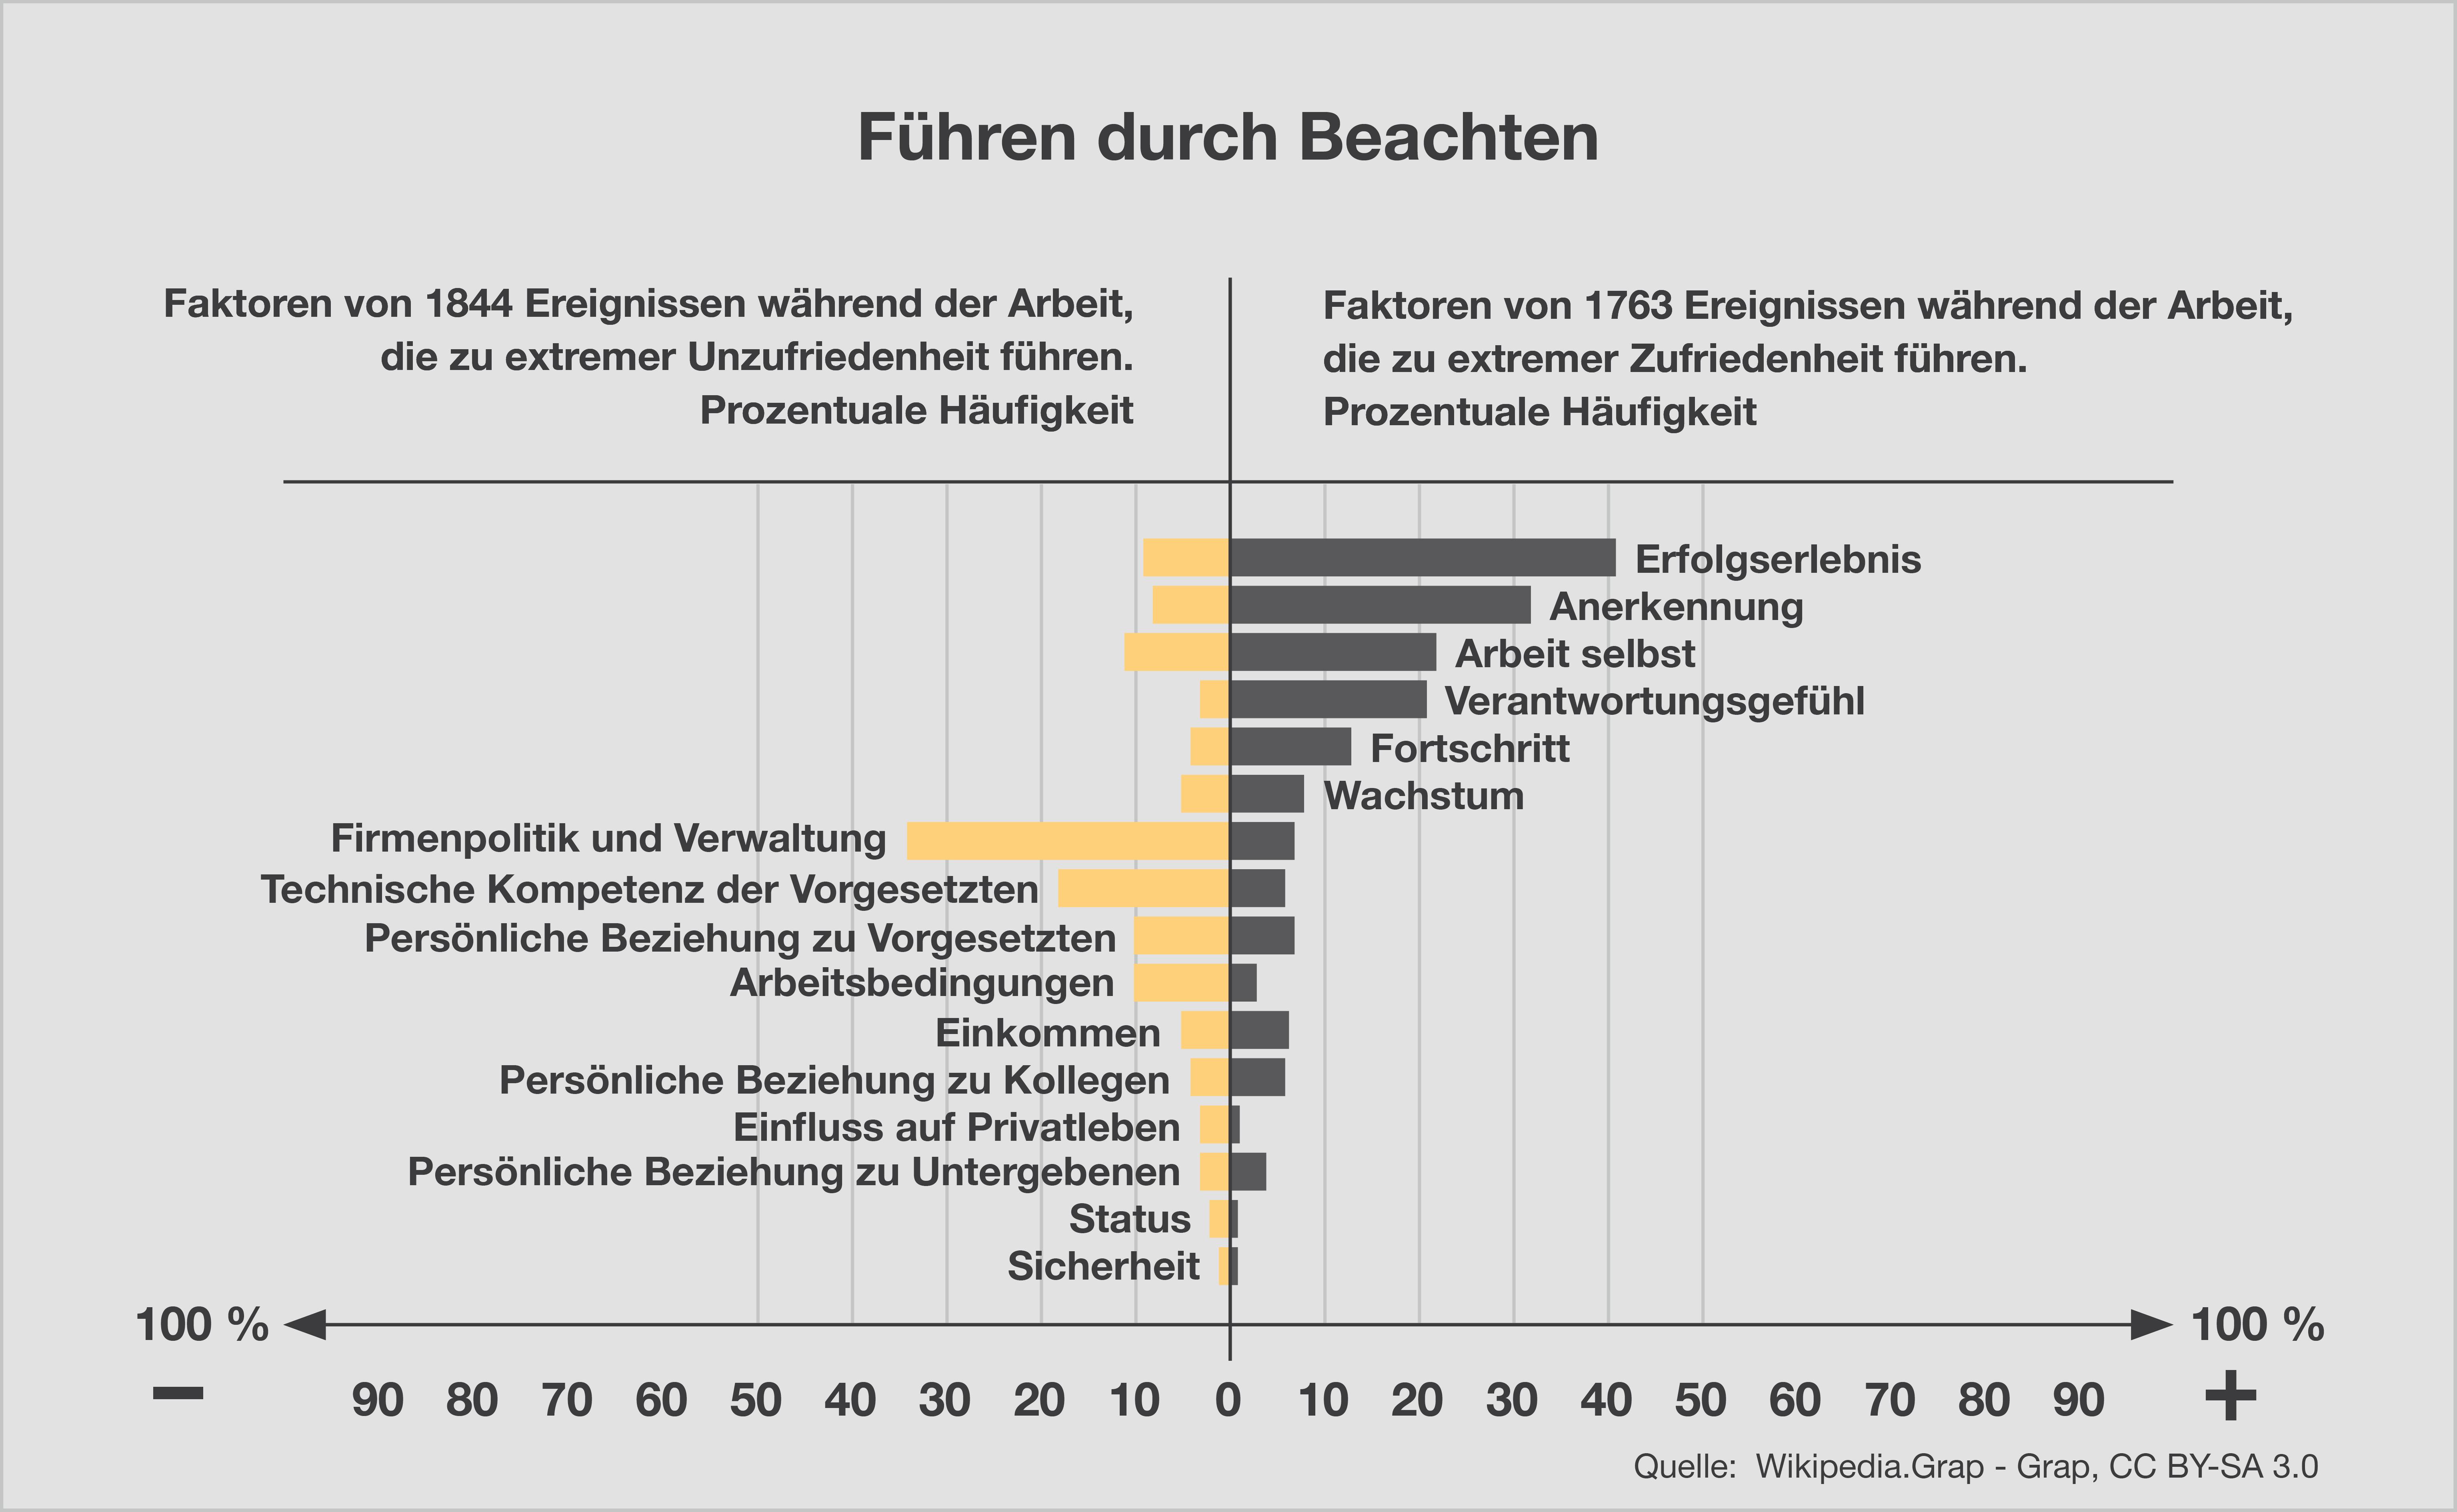 Herzberg-Führen